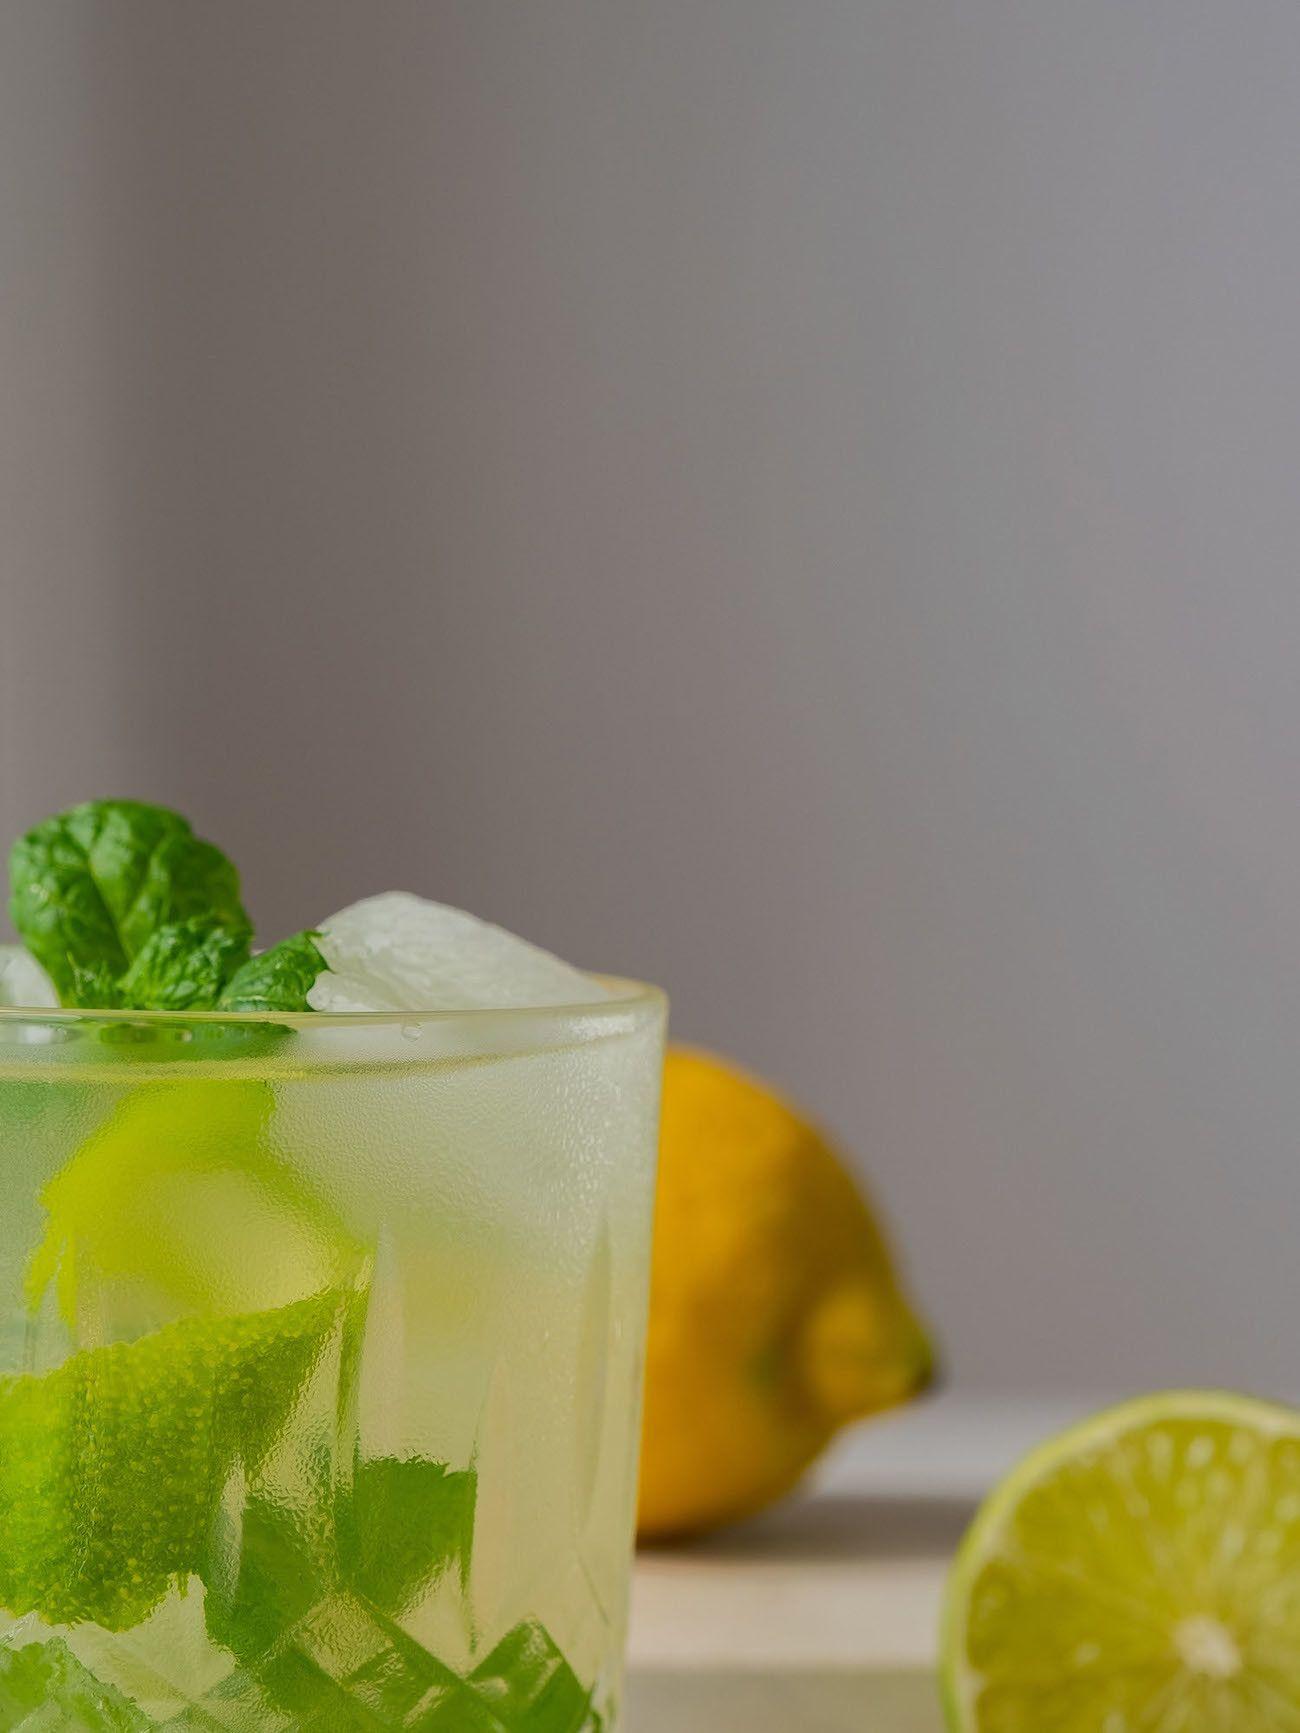 Foodblog About Fuel, Rezept Power Hugo, Saint Germain, Cocktail